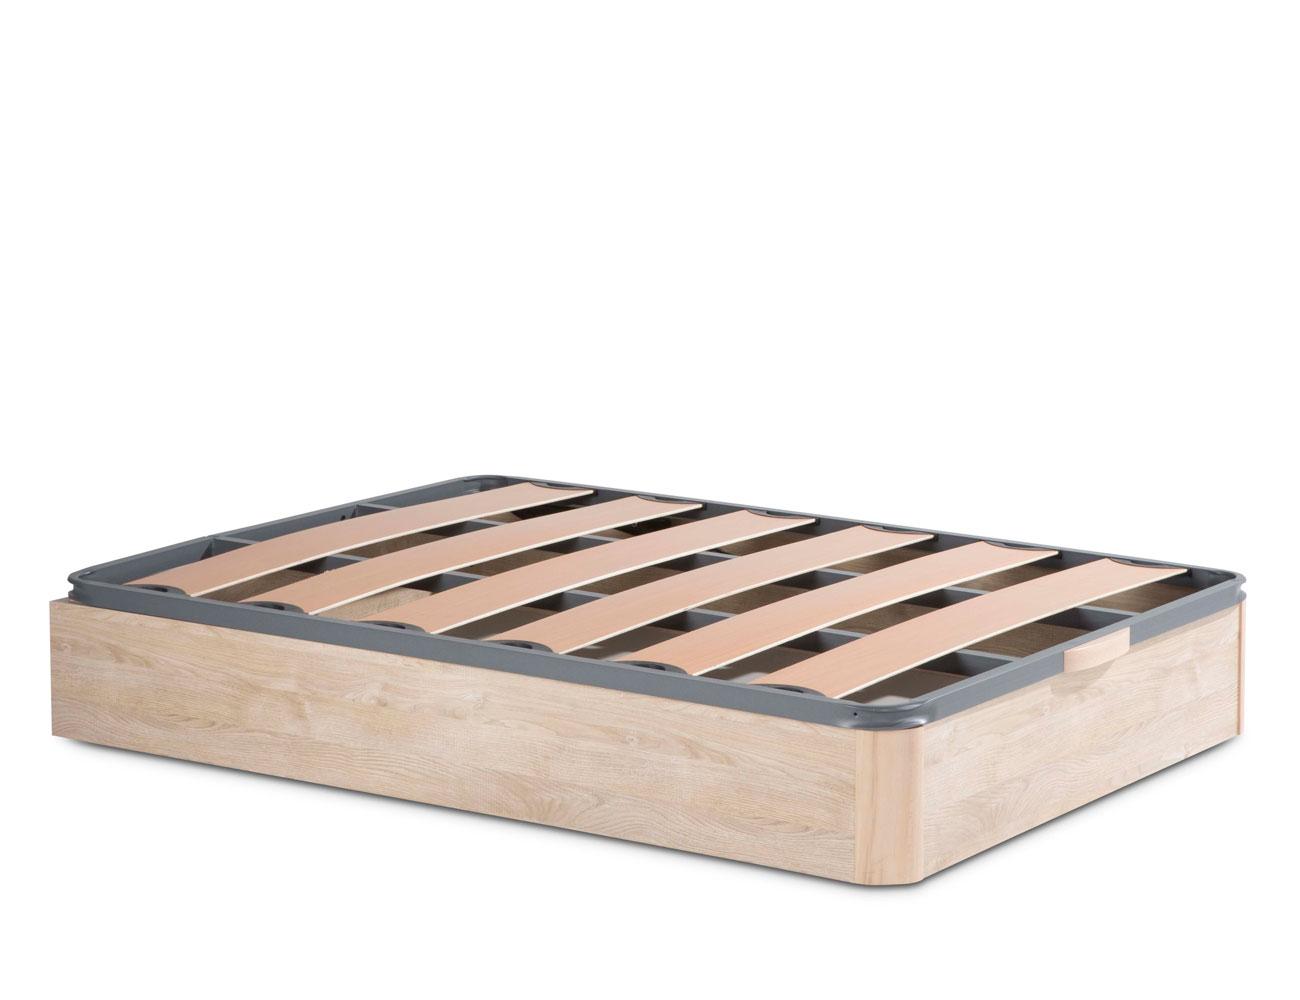 Canape madera somier laminas pvc 7810